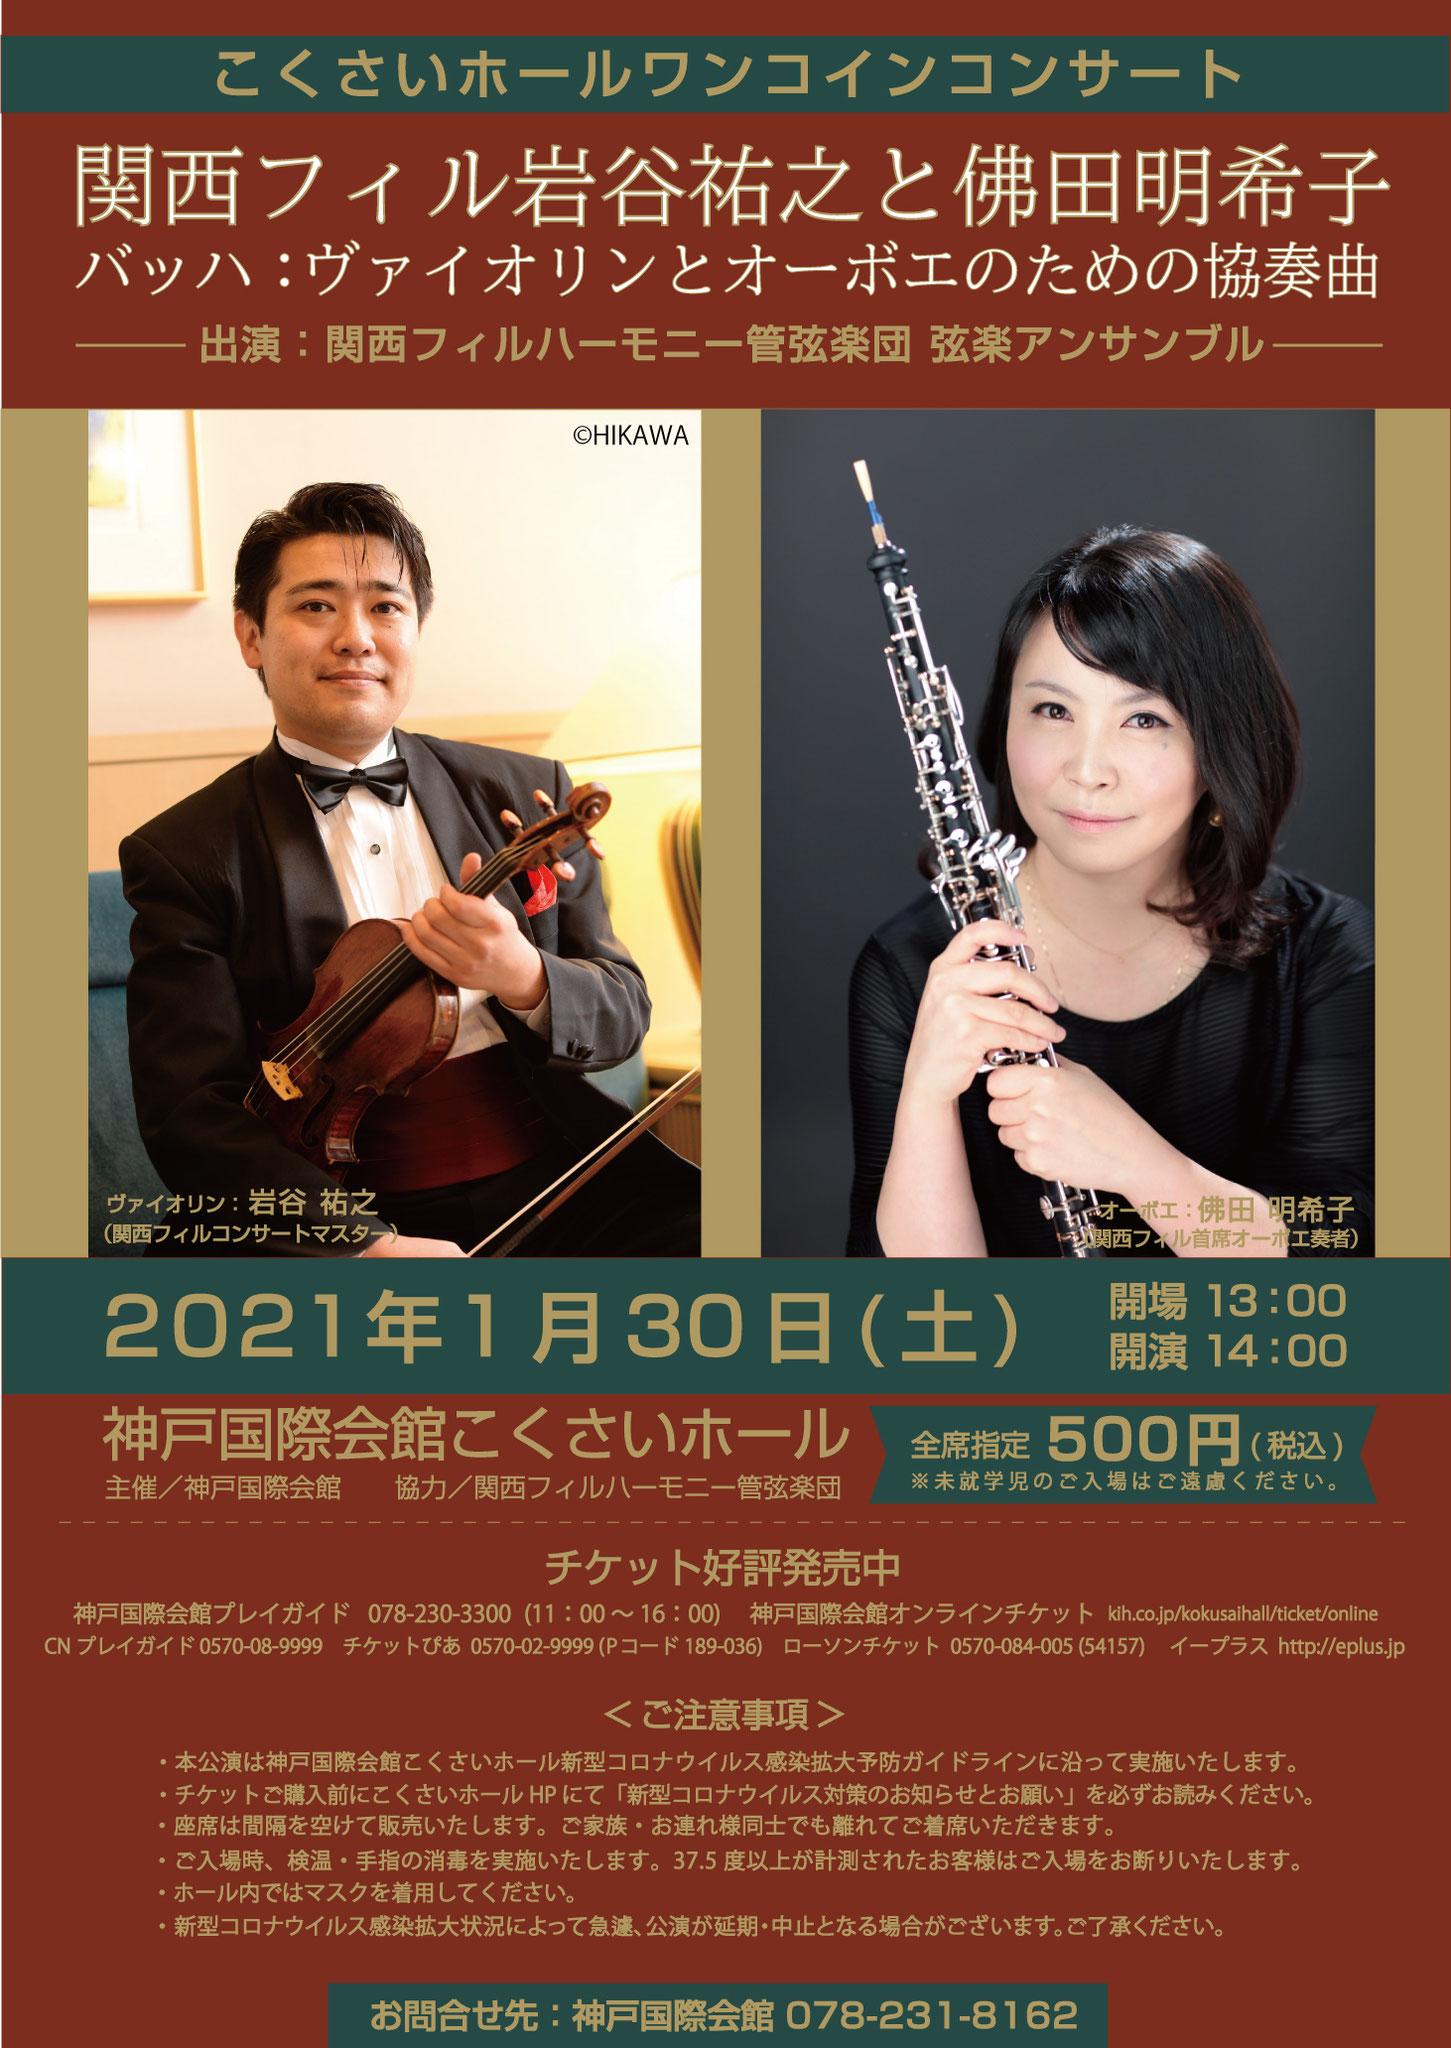 神戸国際会館こくさいホール ワンコインコンサート